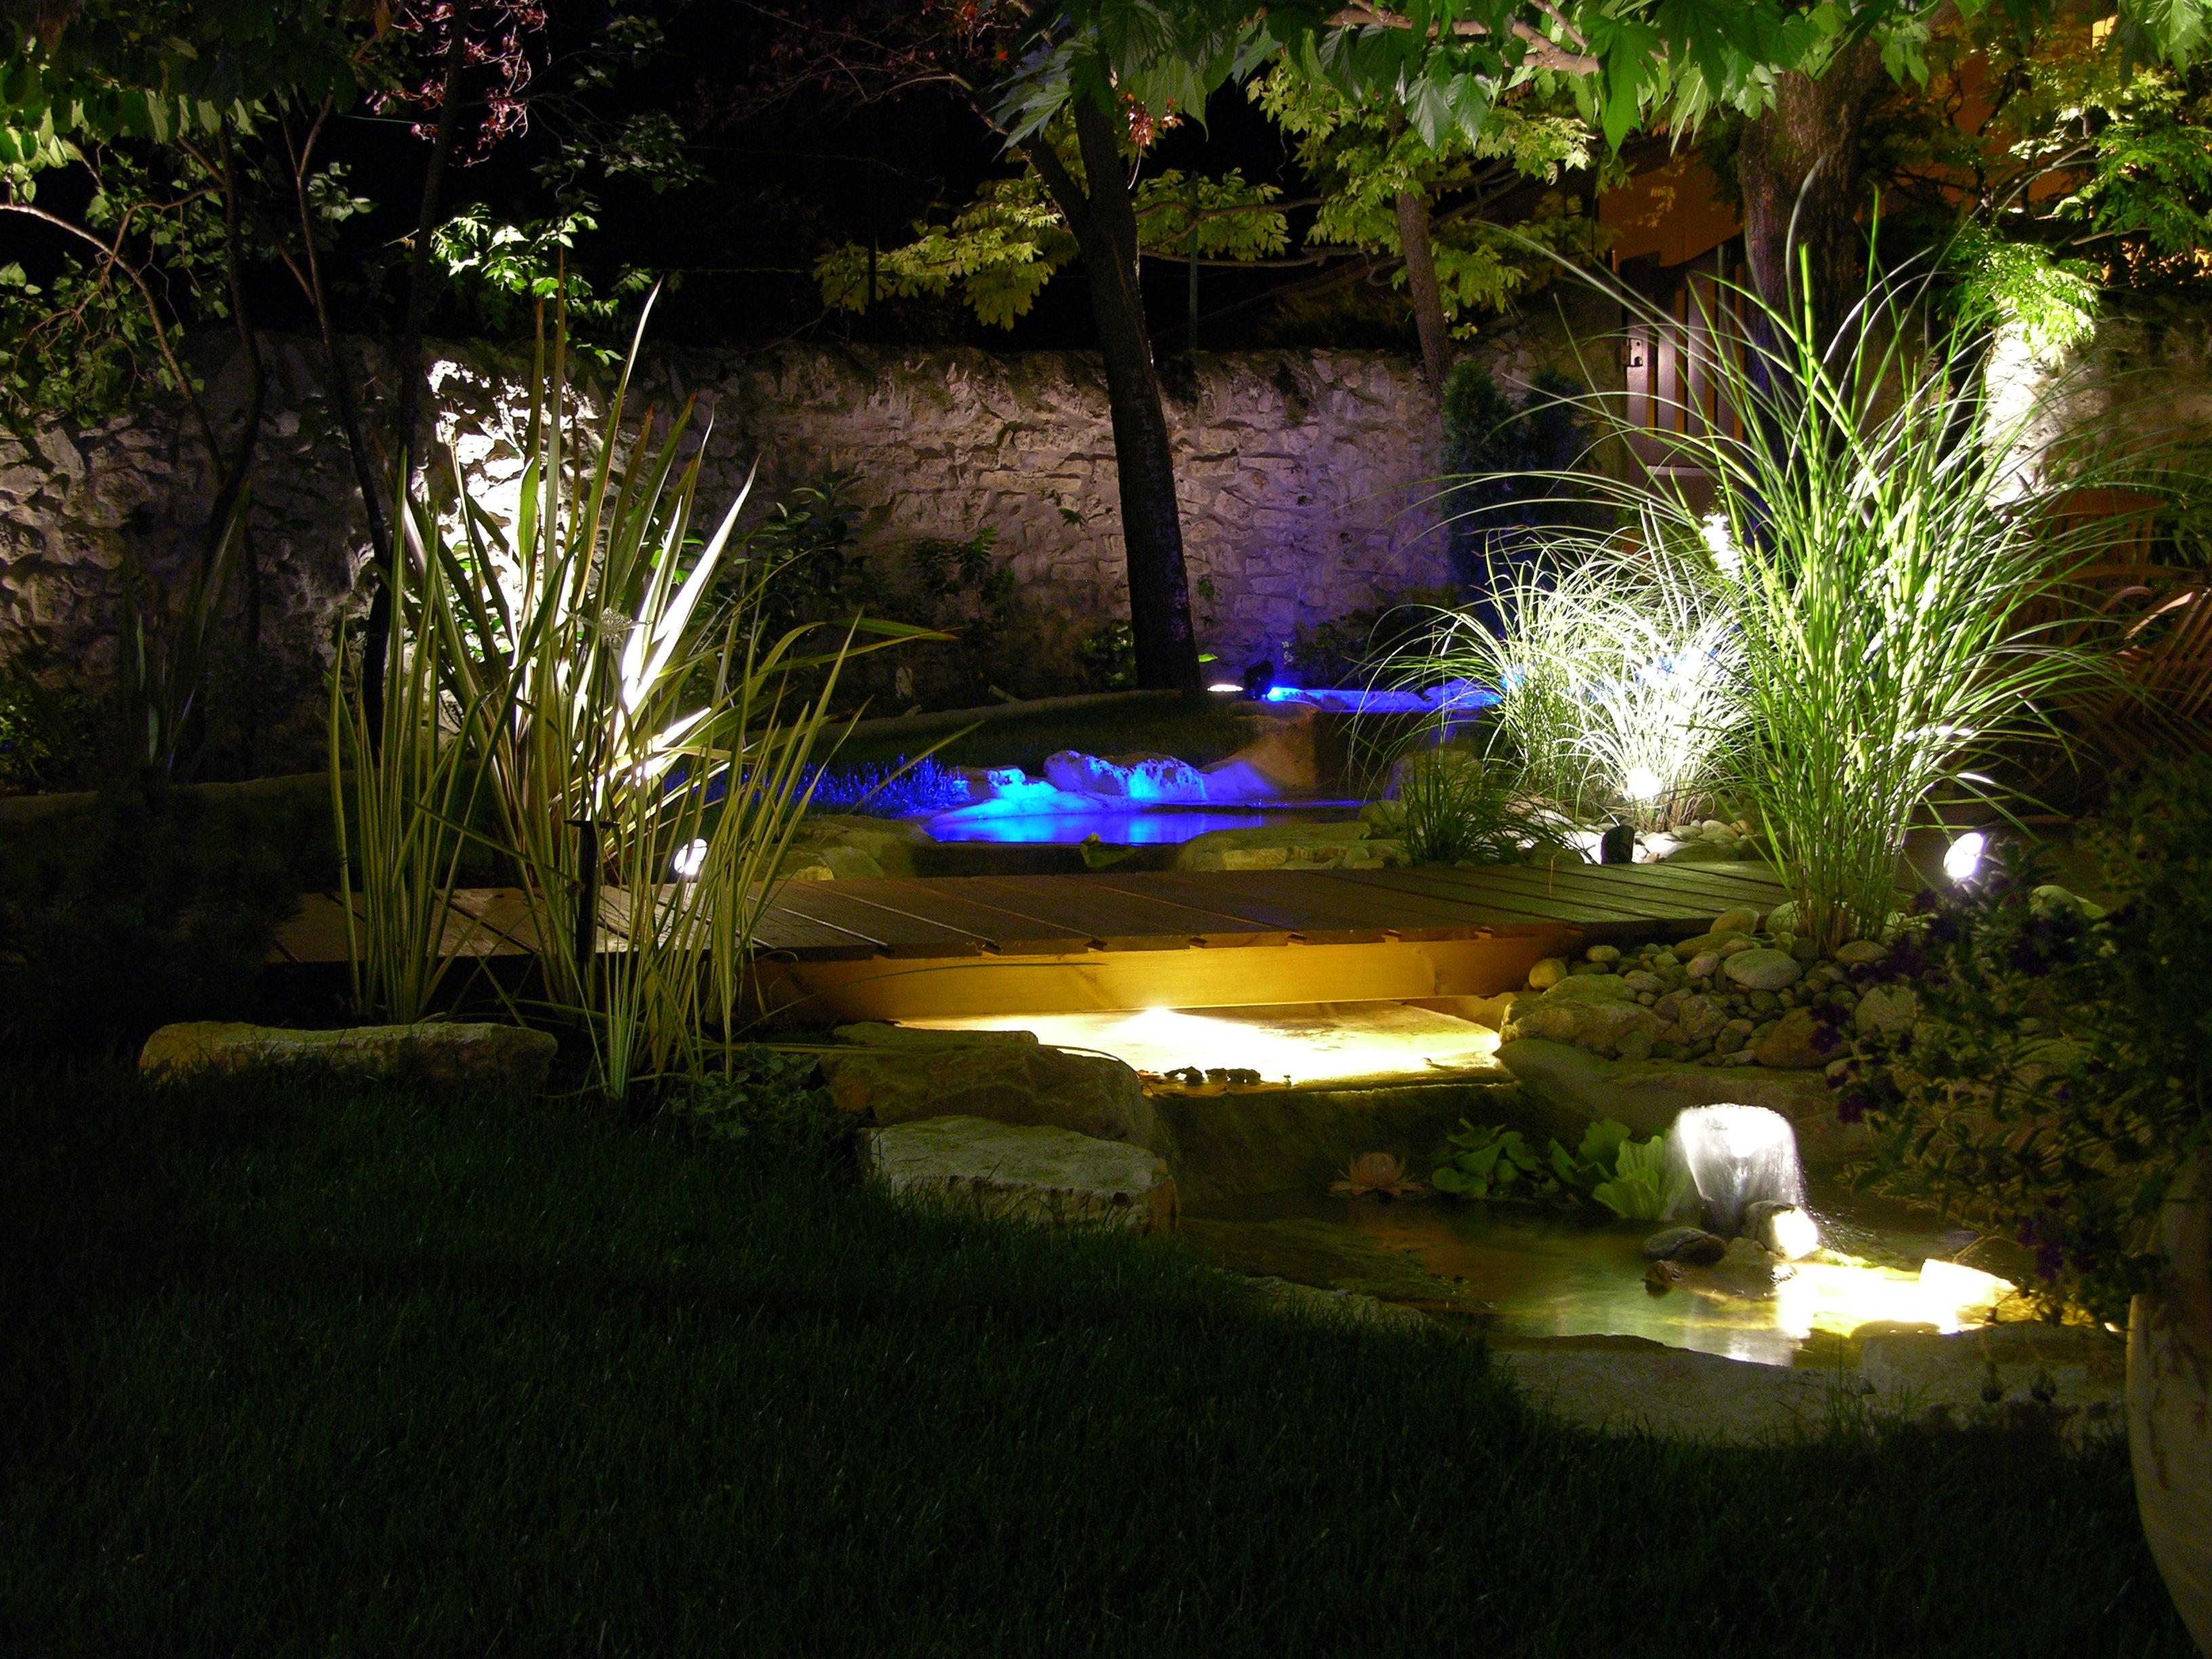 Comment mettre son jardin en lumi re for Spot eclairage arbre exterieur